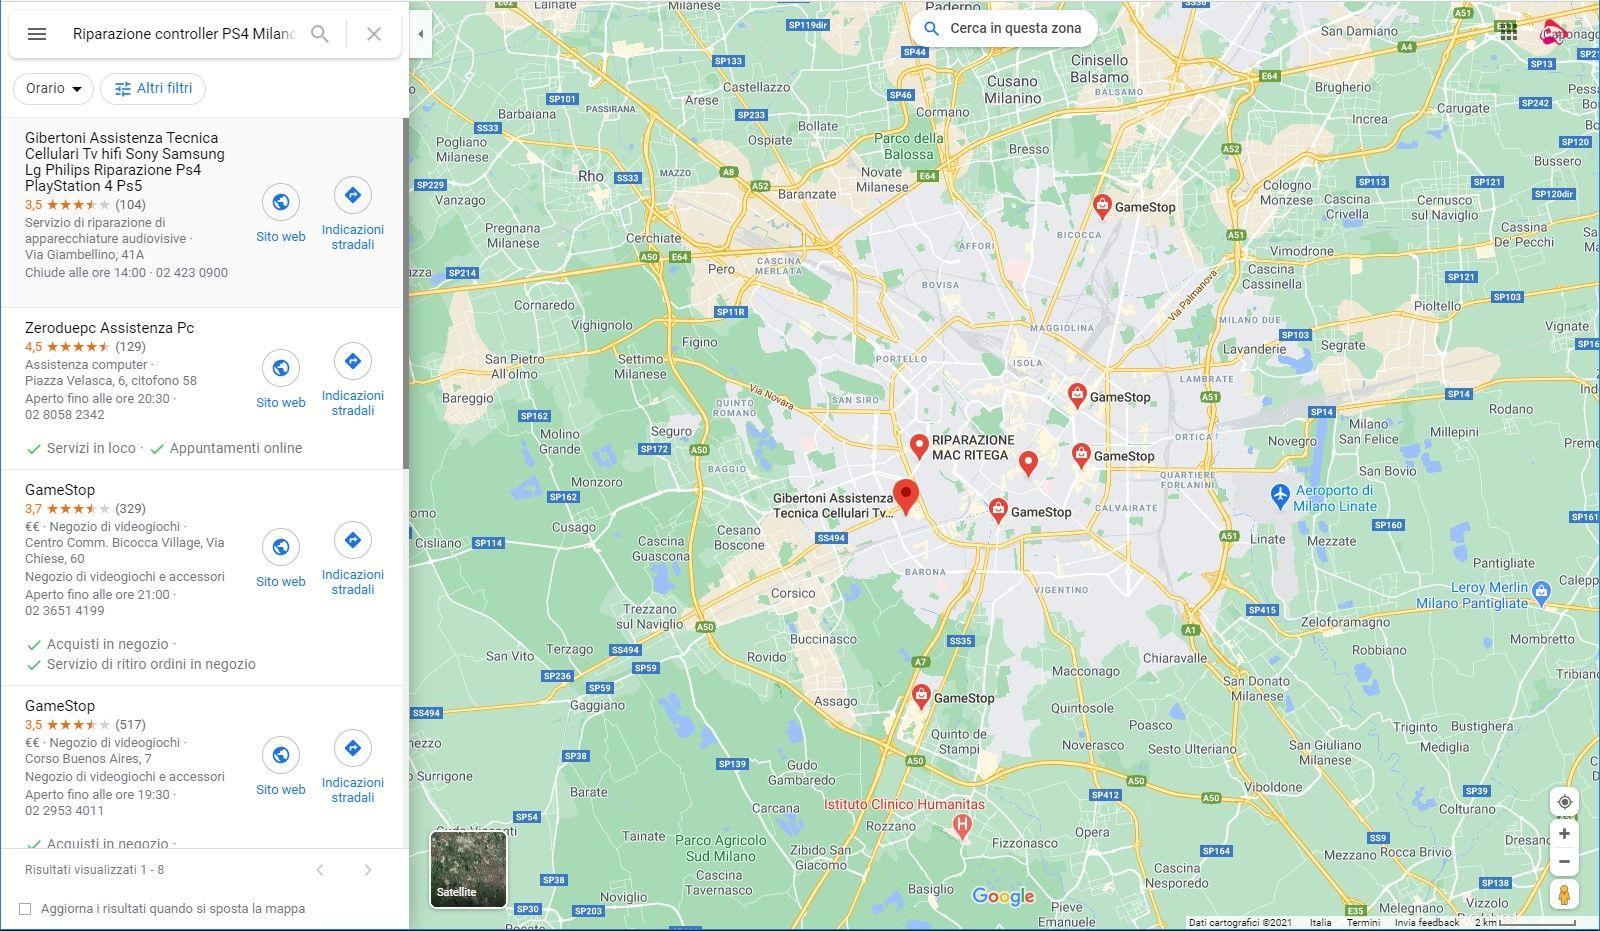 Google maps, riparazione controller PS4